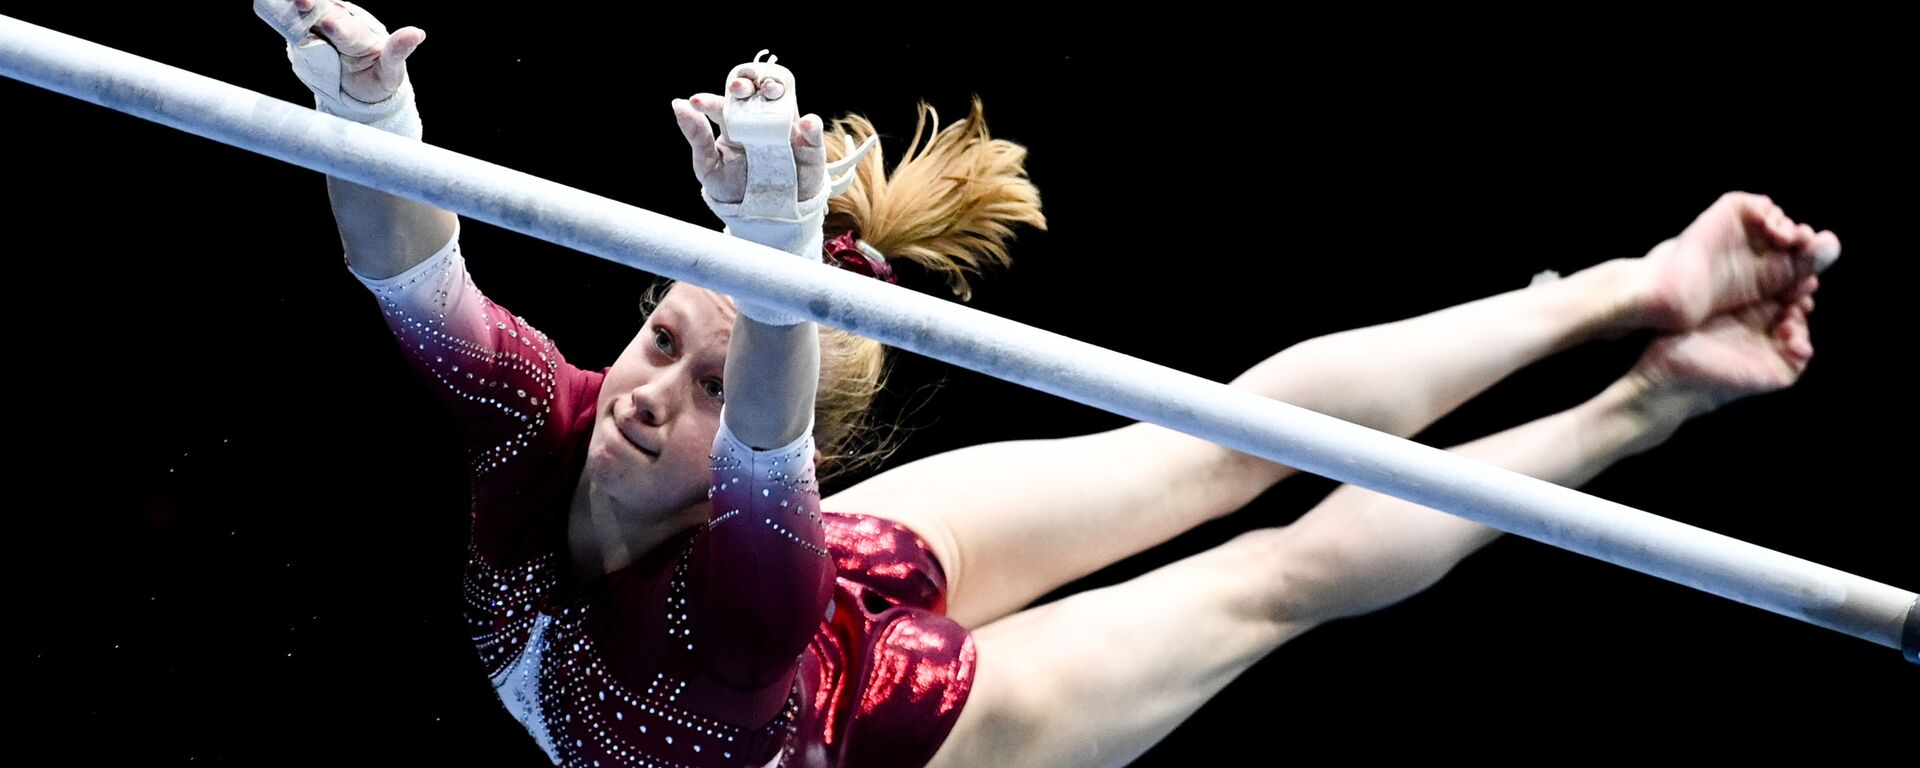 Российская гимнастка Виктория Листунова - Sputnik Česká republika, 1920, 27.07.2021